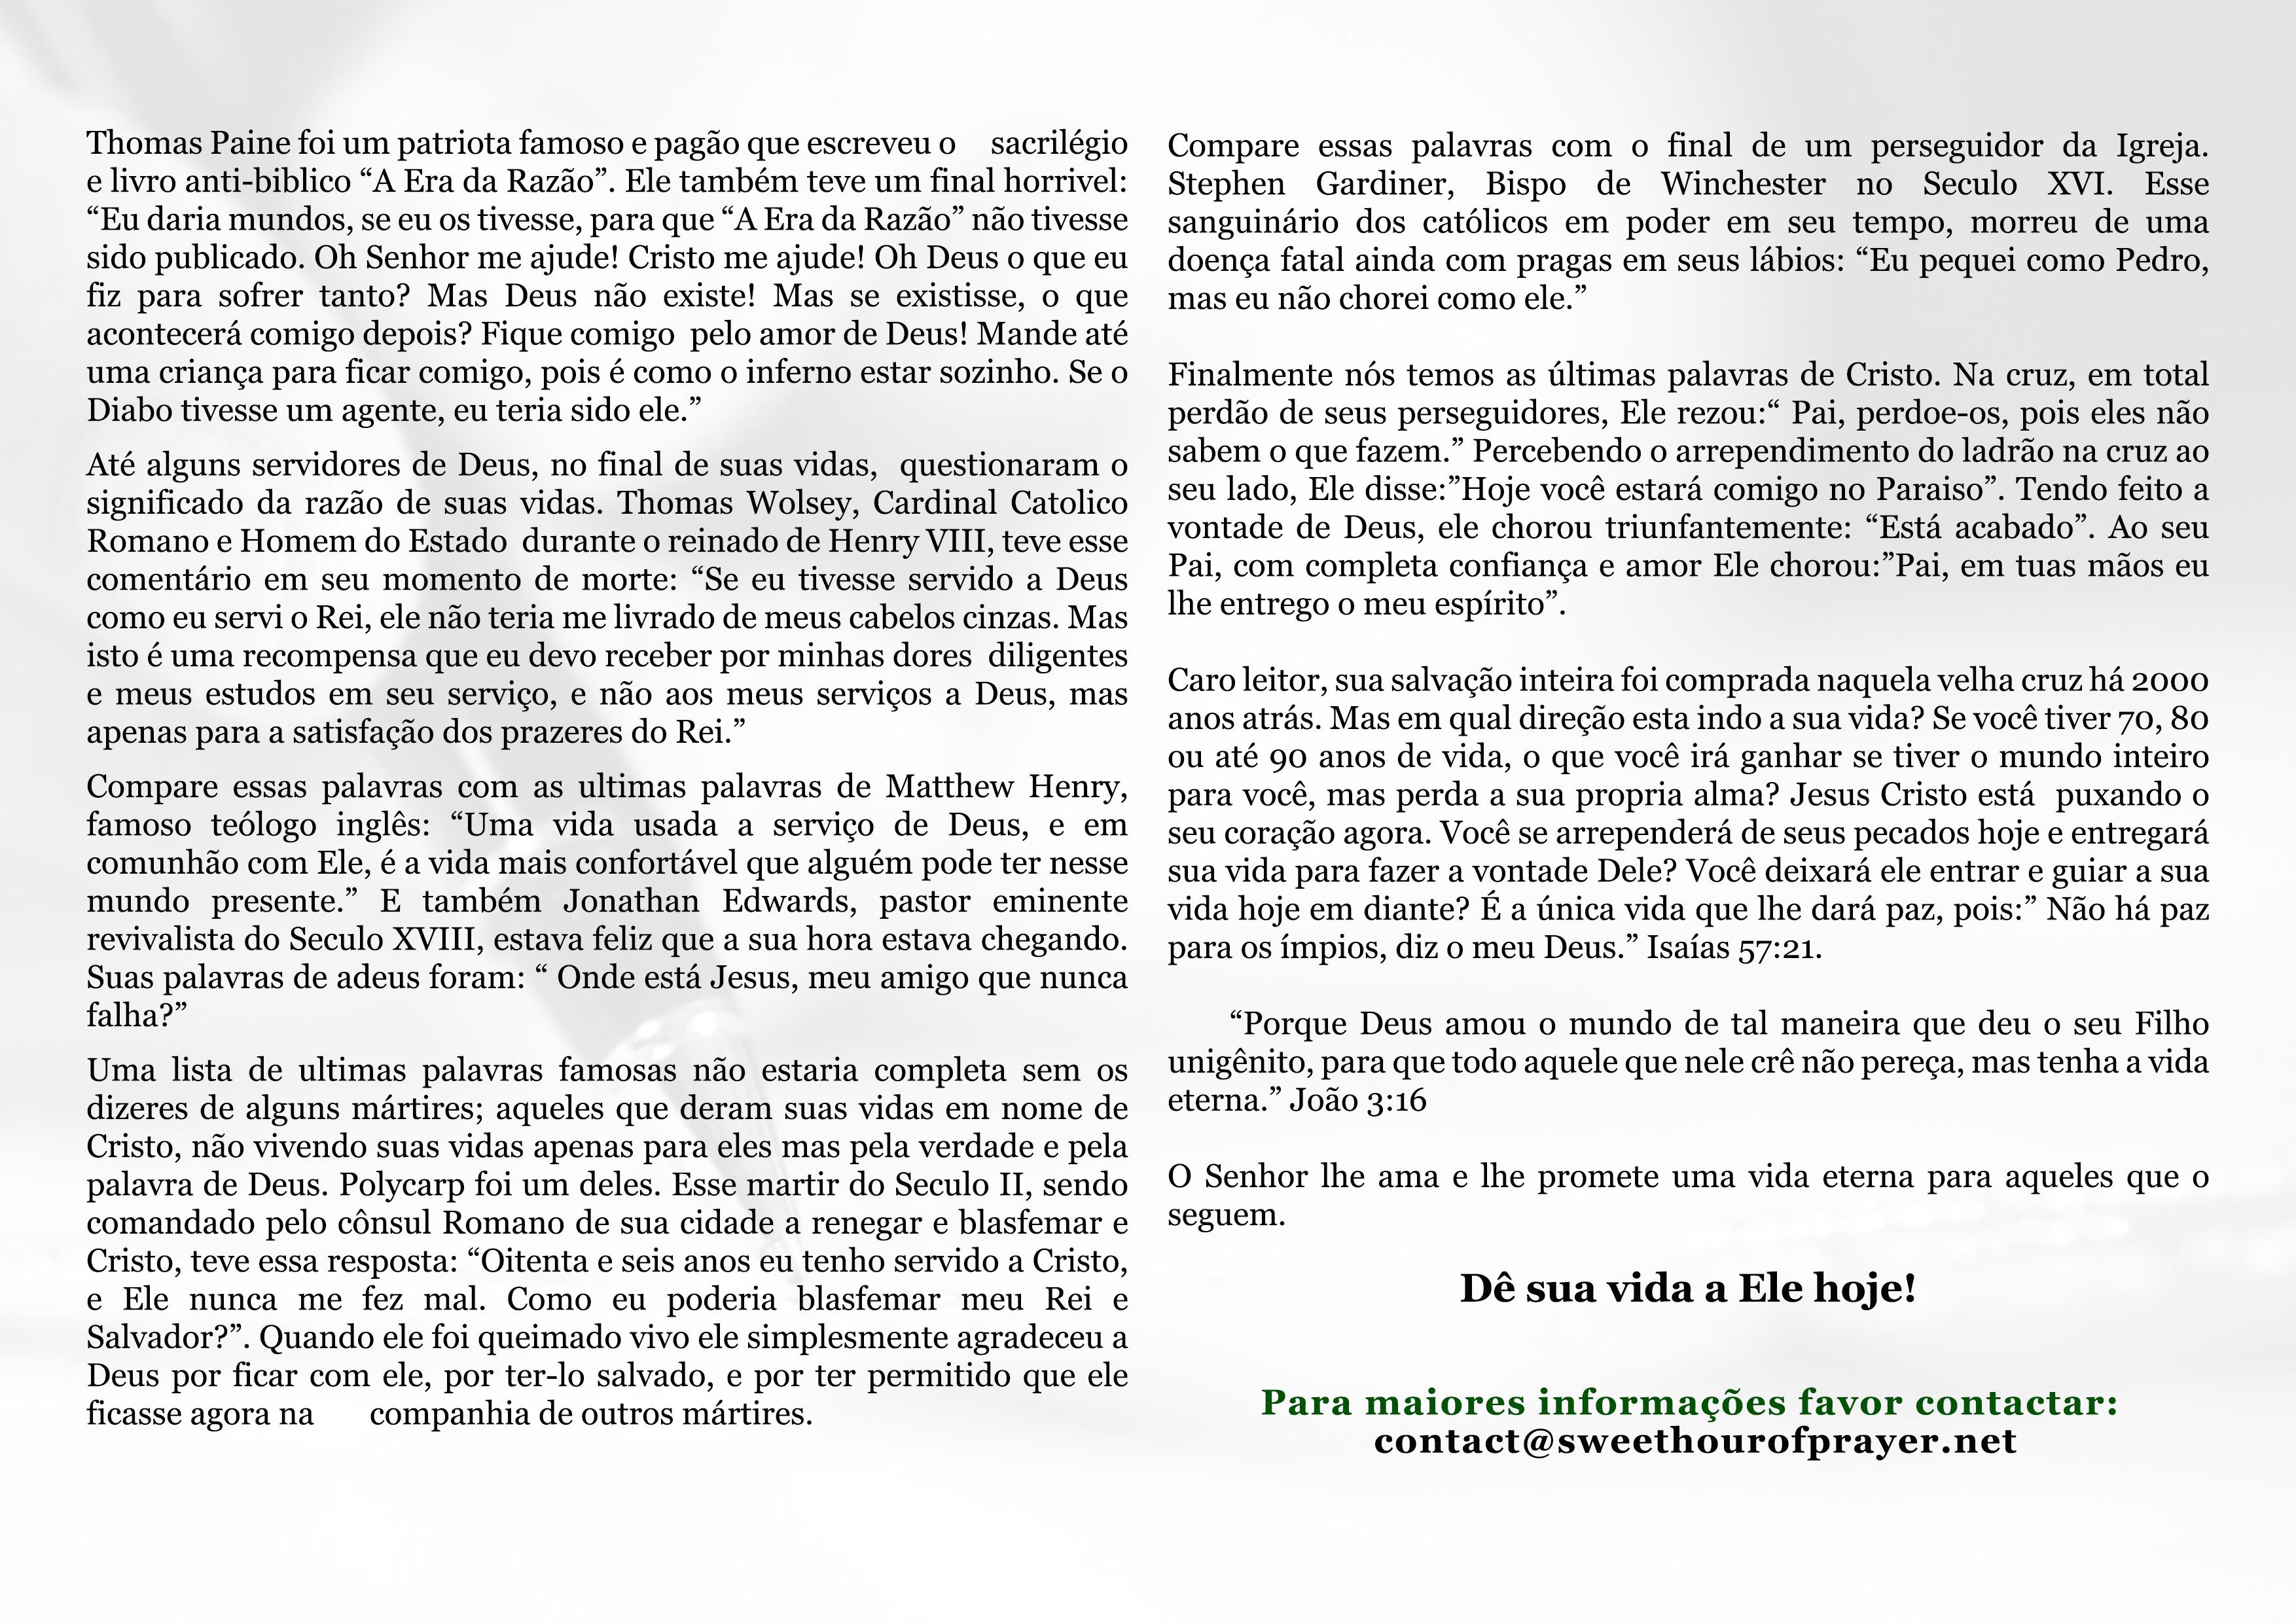 Famous last words portuguese page2